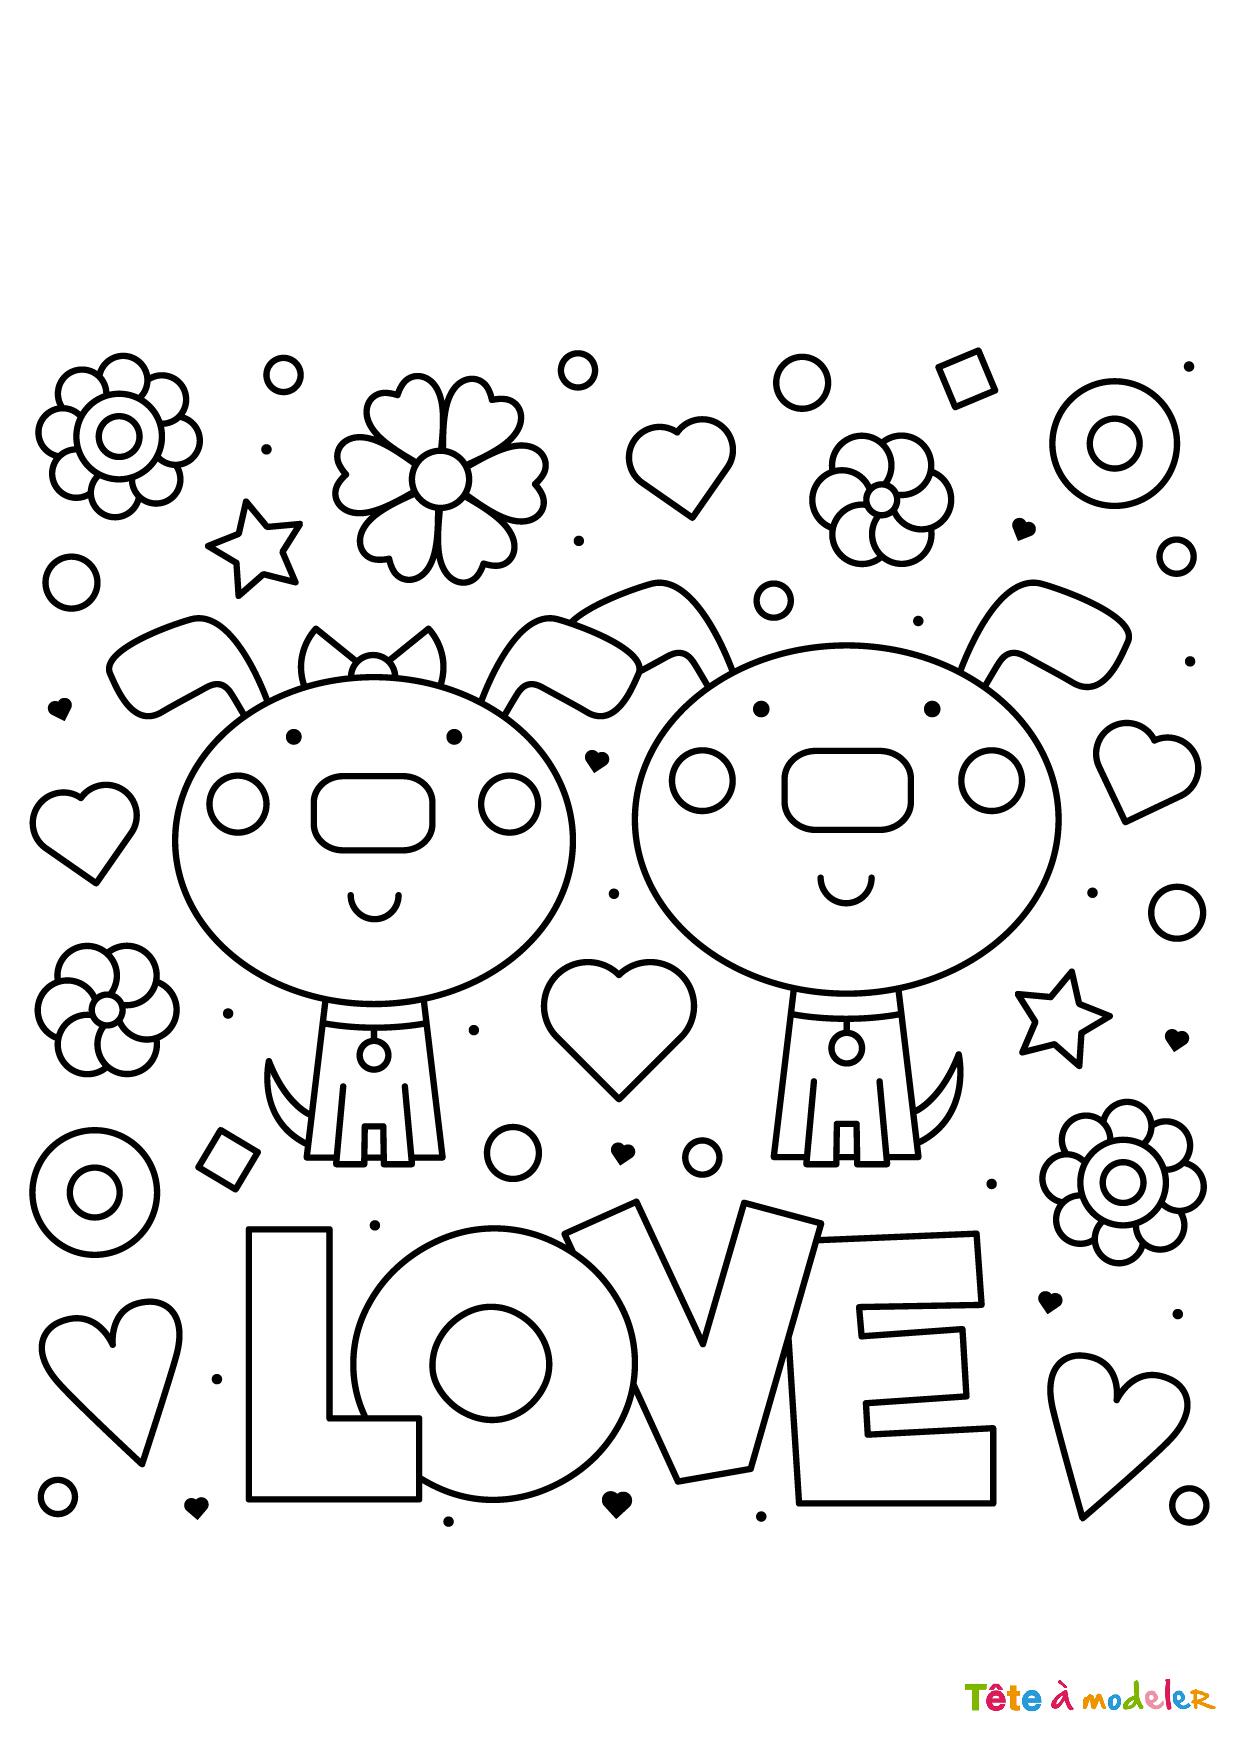 Coloriage St Valentin Couple - Tête À Modeler avec Coloriage De St Valentin